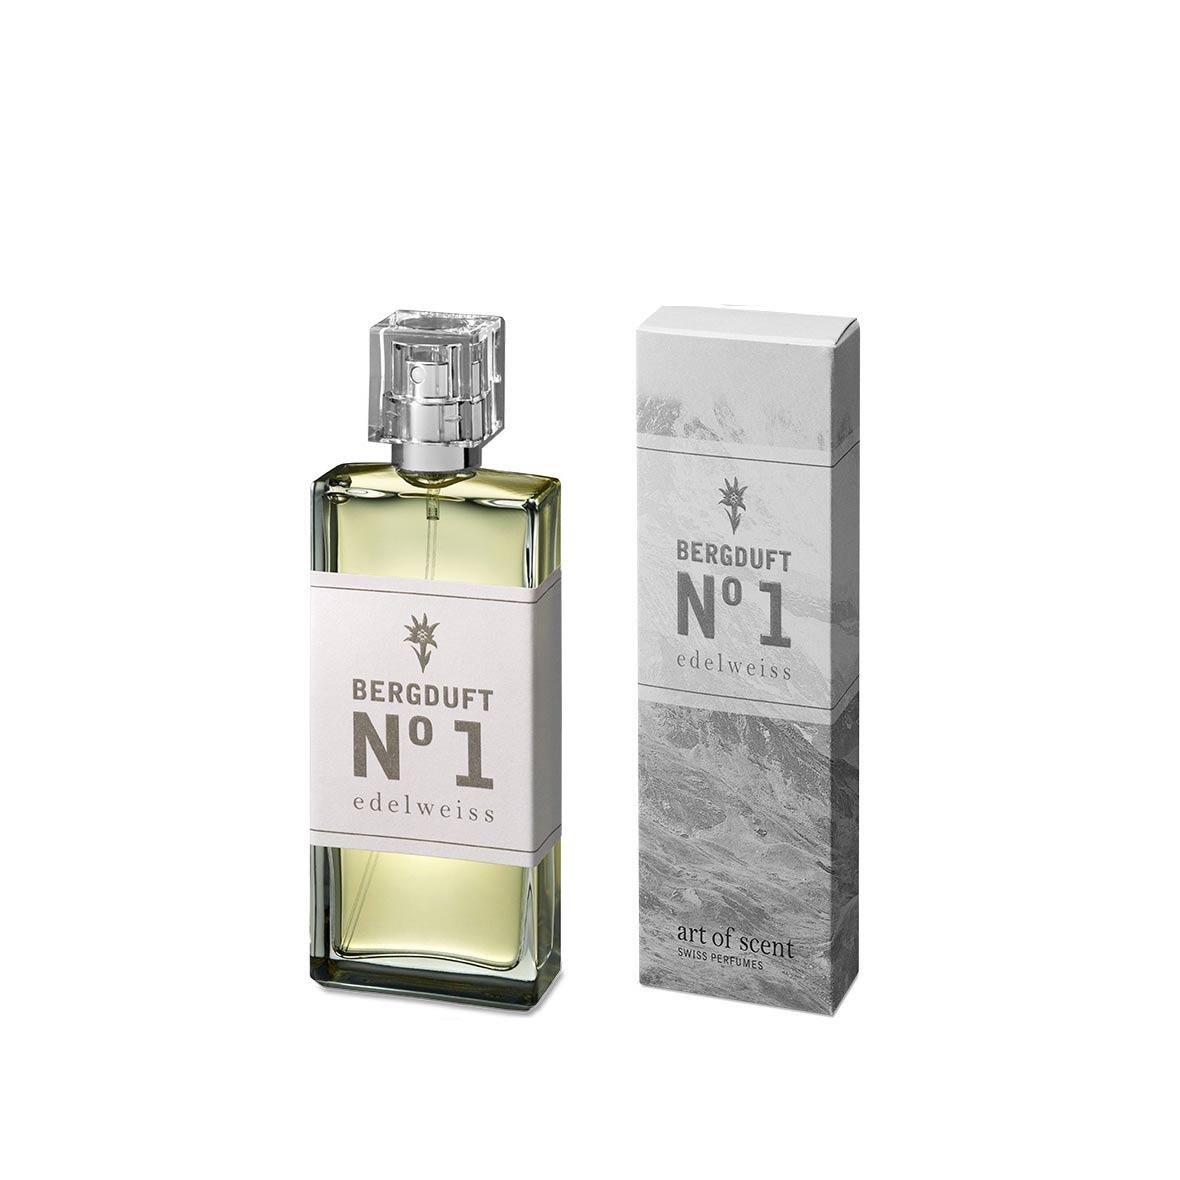 bergduft edelweiss 50 ml kombi art of scent